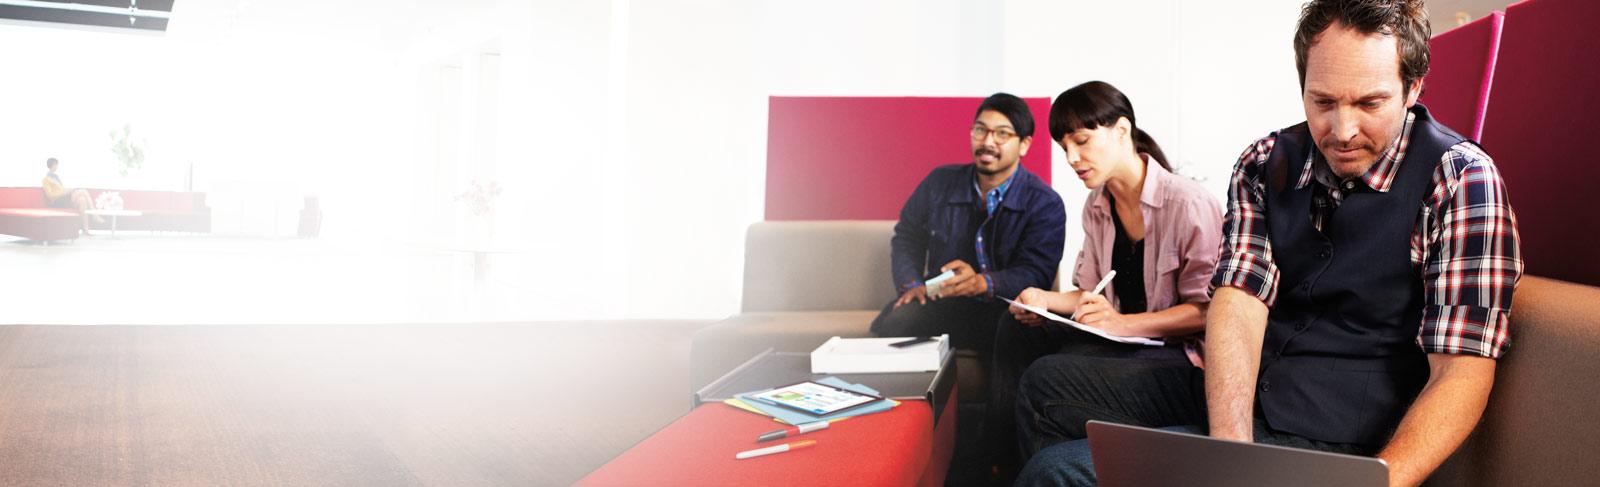 Drei Personen, die mit einem Laptop und Notebooks mit SharePoint Online arbeiten